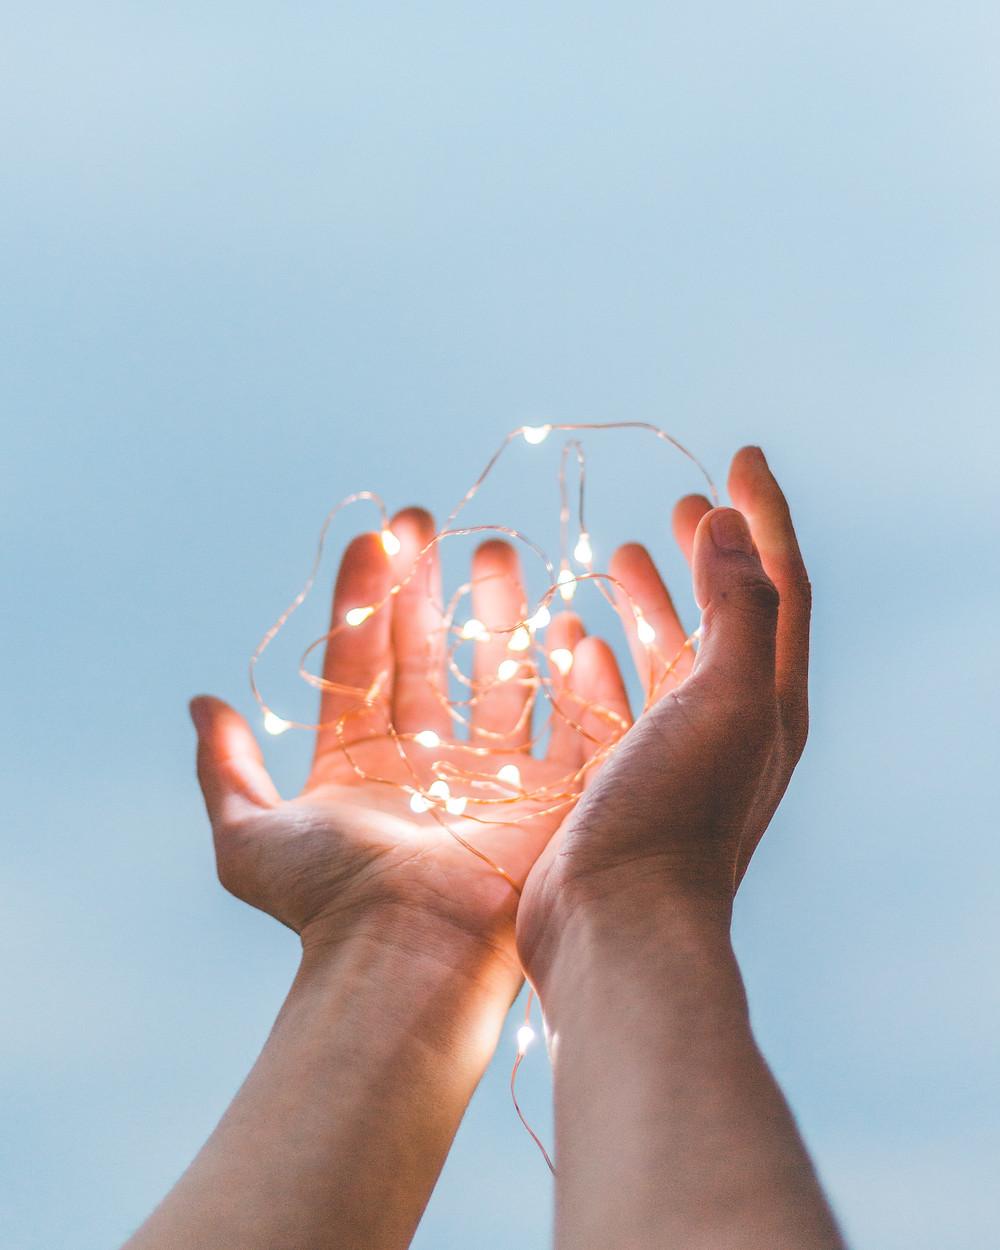 Fil lumineux dans les mains